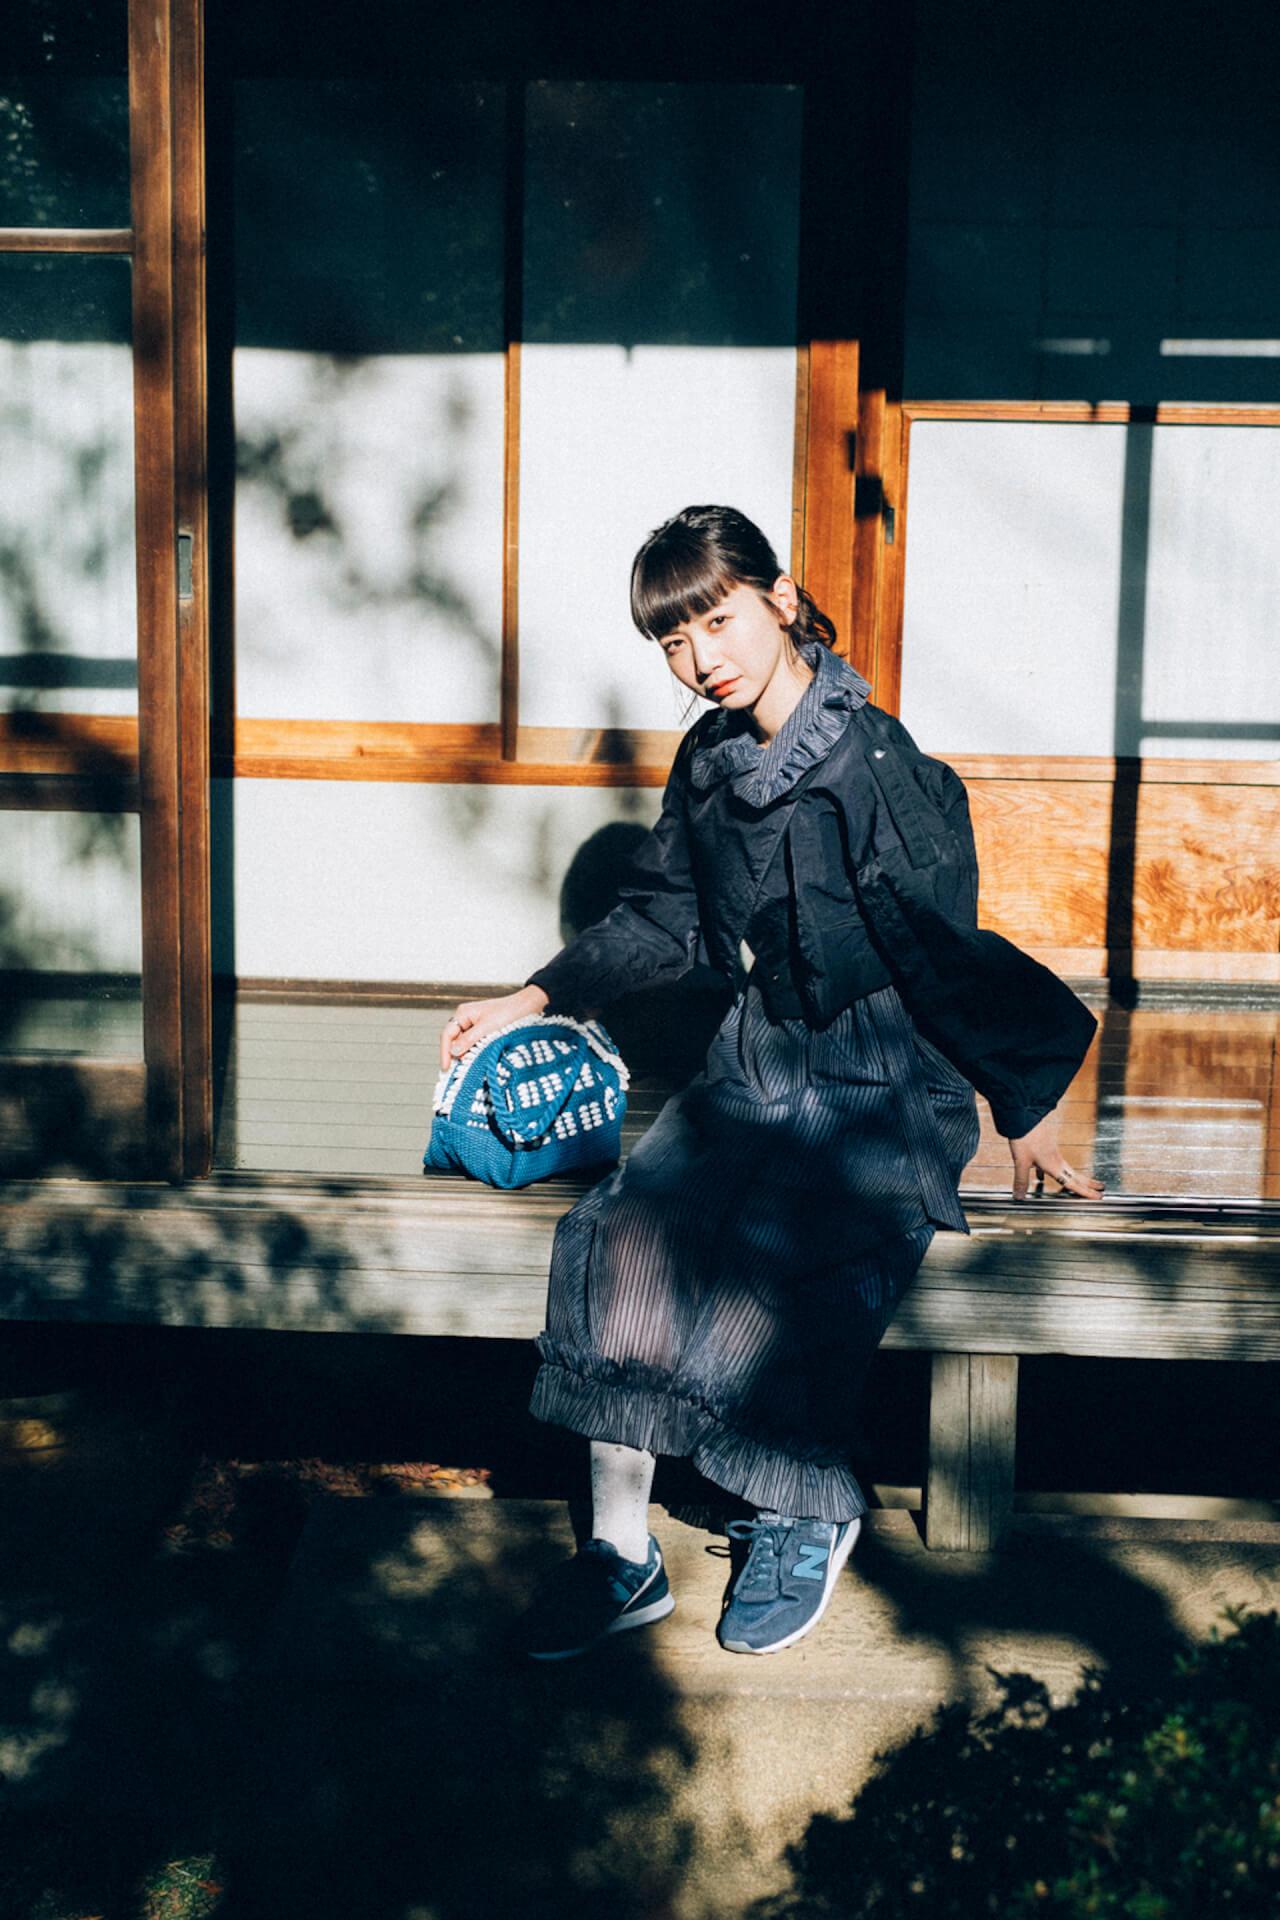 三戸なつめがニューバランス「WL996」の最新作でセルフコーディネート!特設サイトでインタビューも公開 life210401_newbalance996_yoshimura3